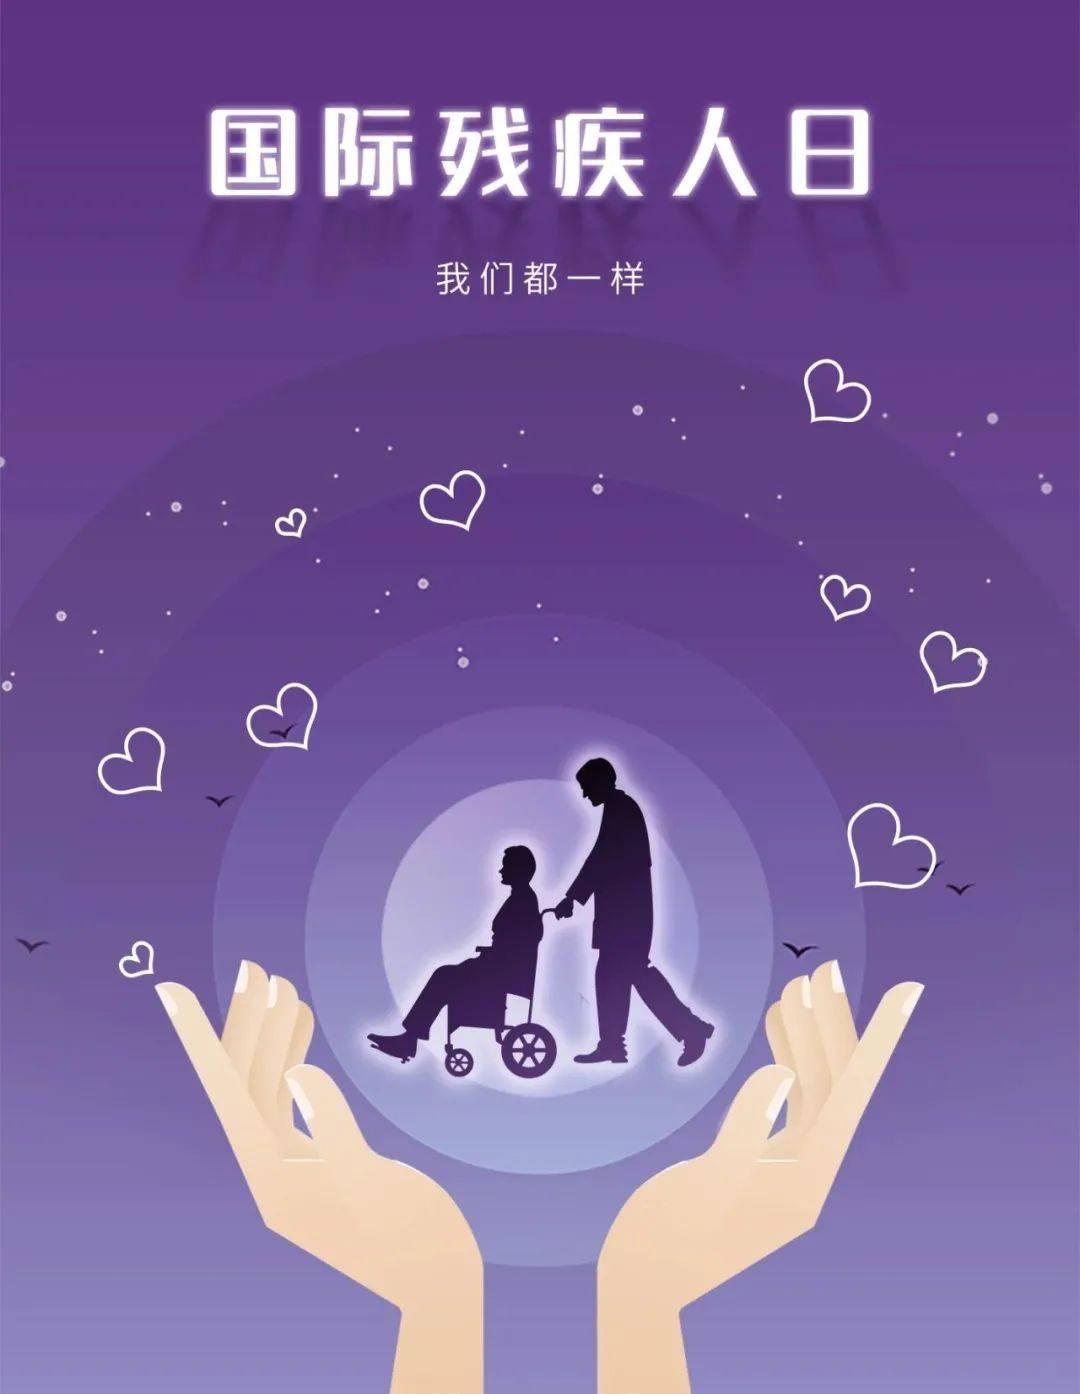 残疾人人口_全球约有6亿5千万残疾人,约占世界人口10%